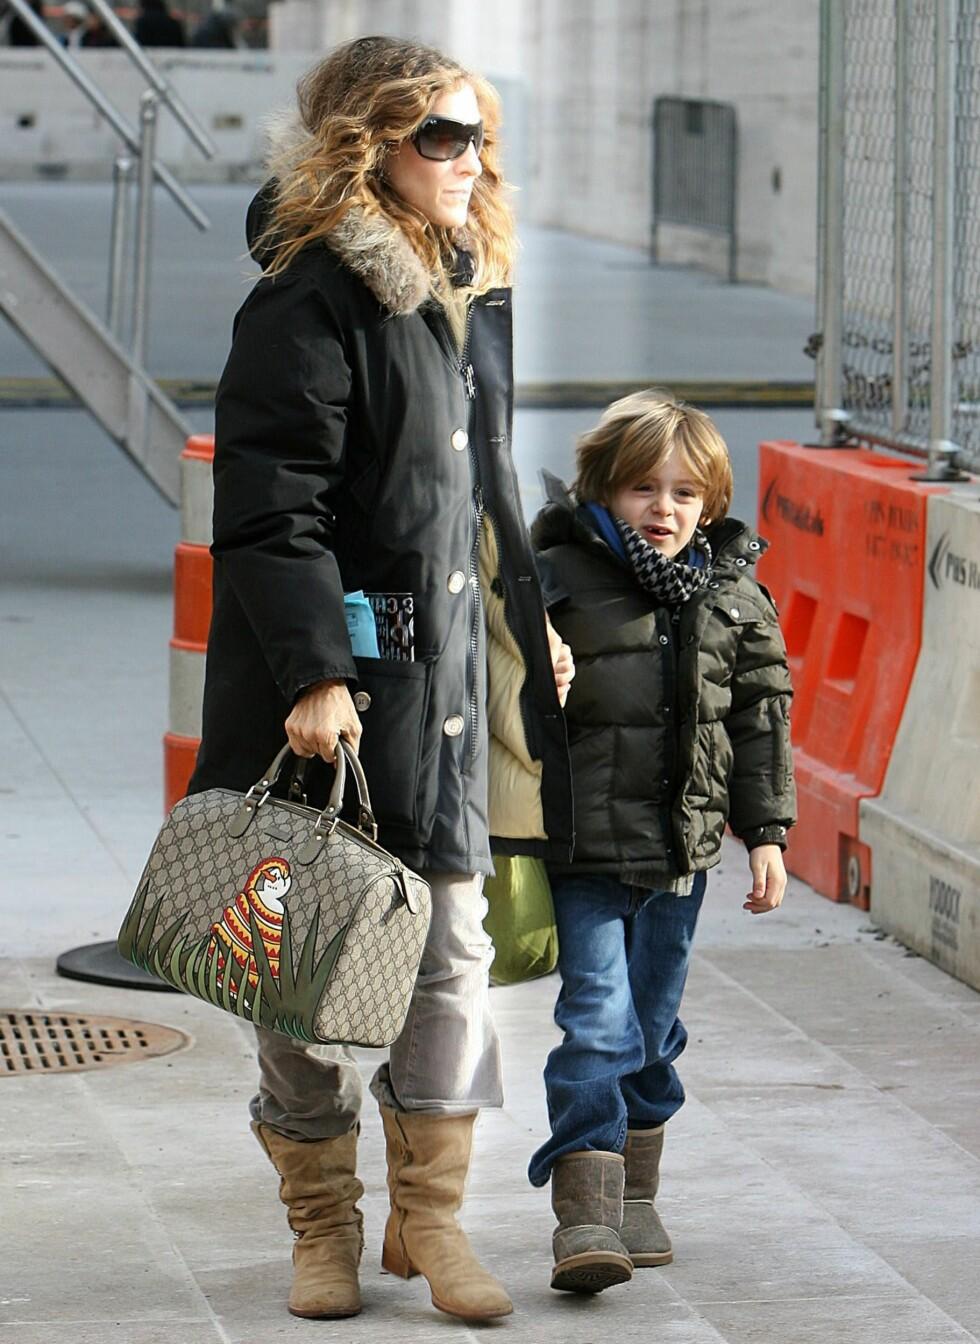 Sarah Jessica Parker er ute og går i New York sammen med sønnen James. Sarah har lagt rosa kjoler og sølvstiletter på hylla for vinteren, og funnet fram den varme parkasen med pelskant. På beina har hun kraftige, brune støvletter med lav hæl.  Foto: All Over Press